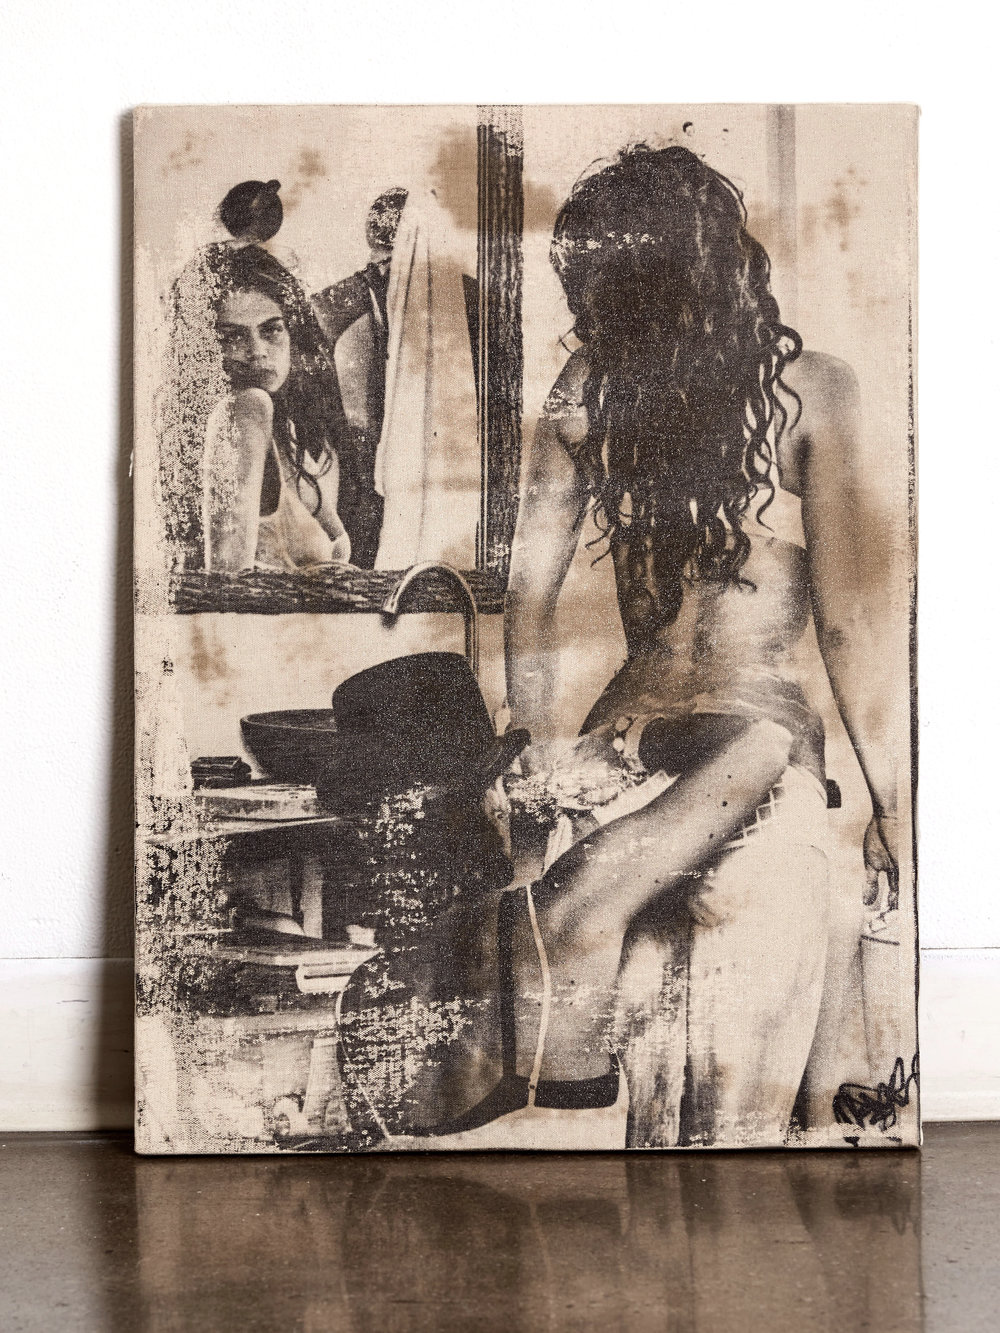 Femme - $300 | 16x24